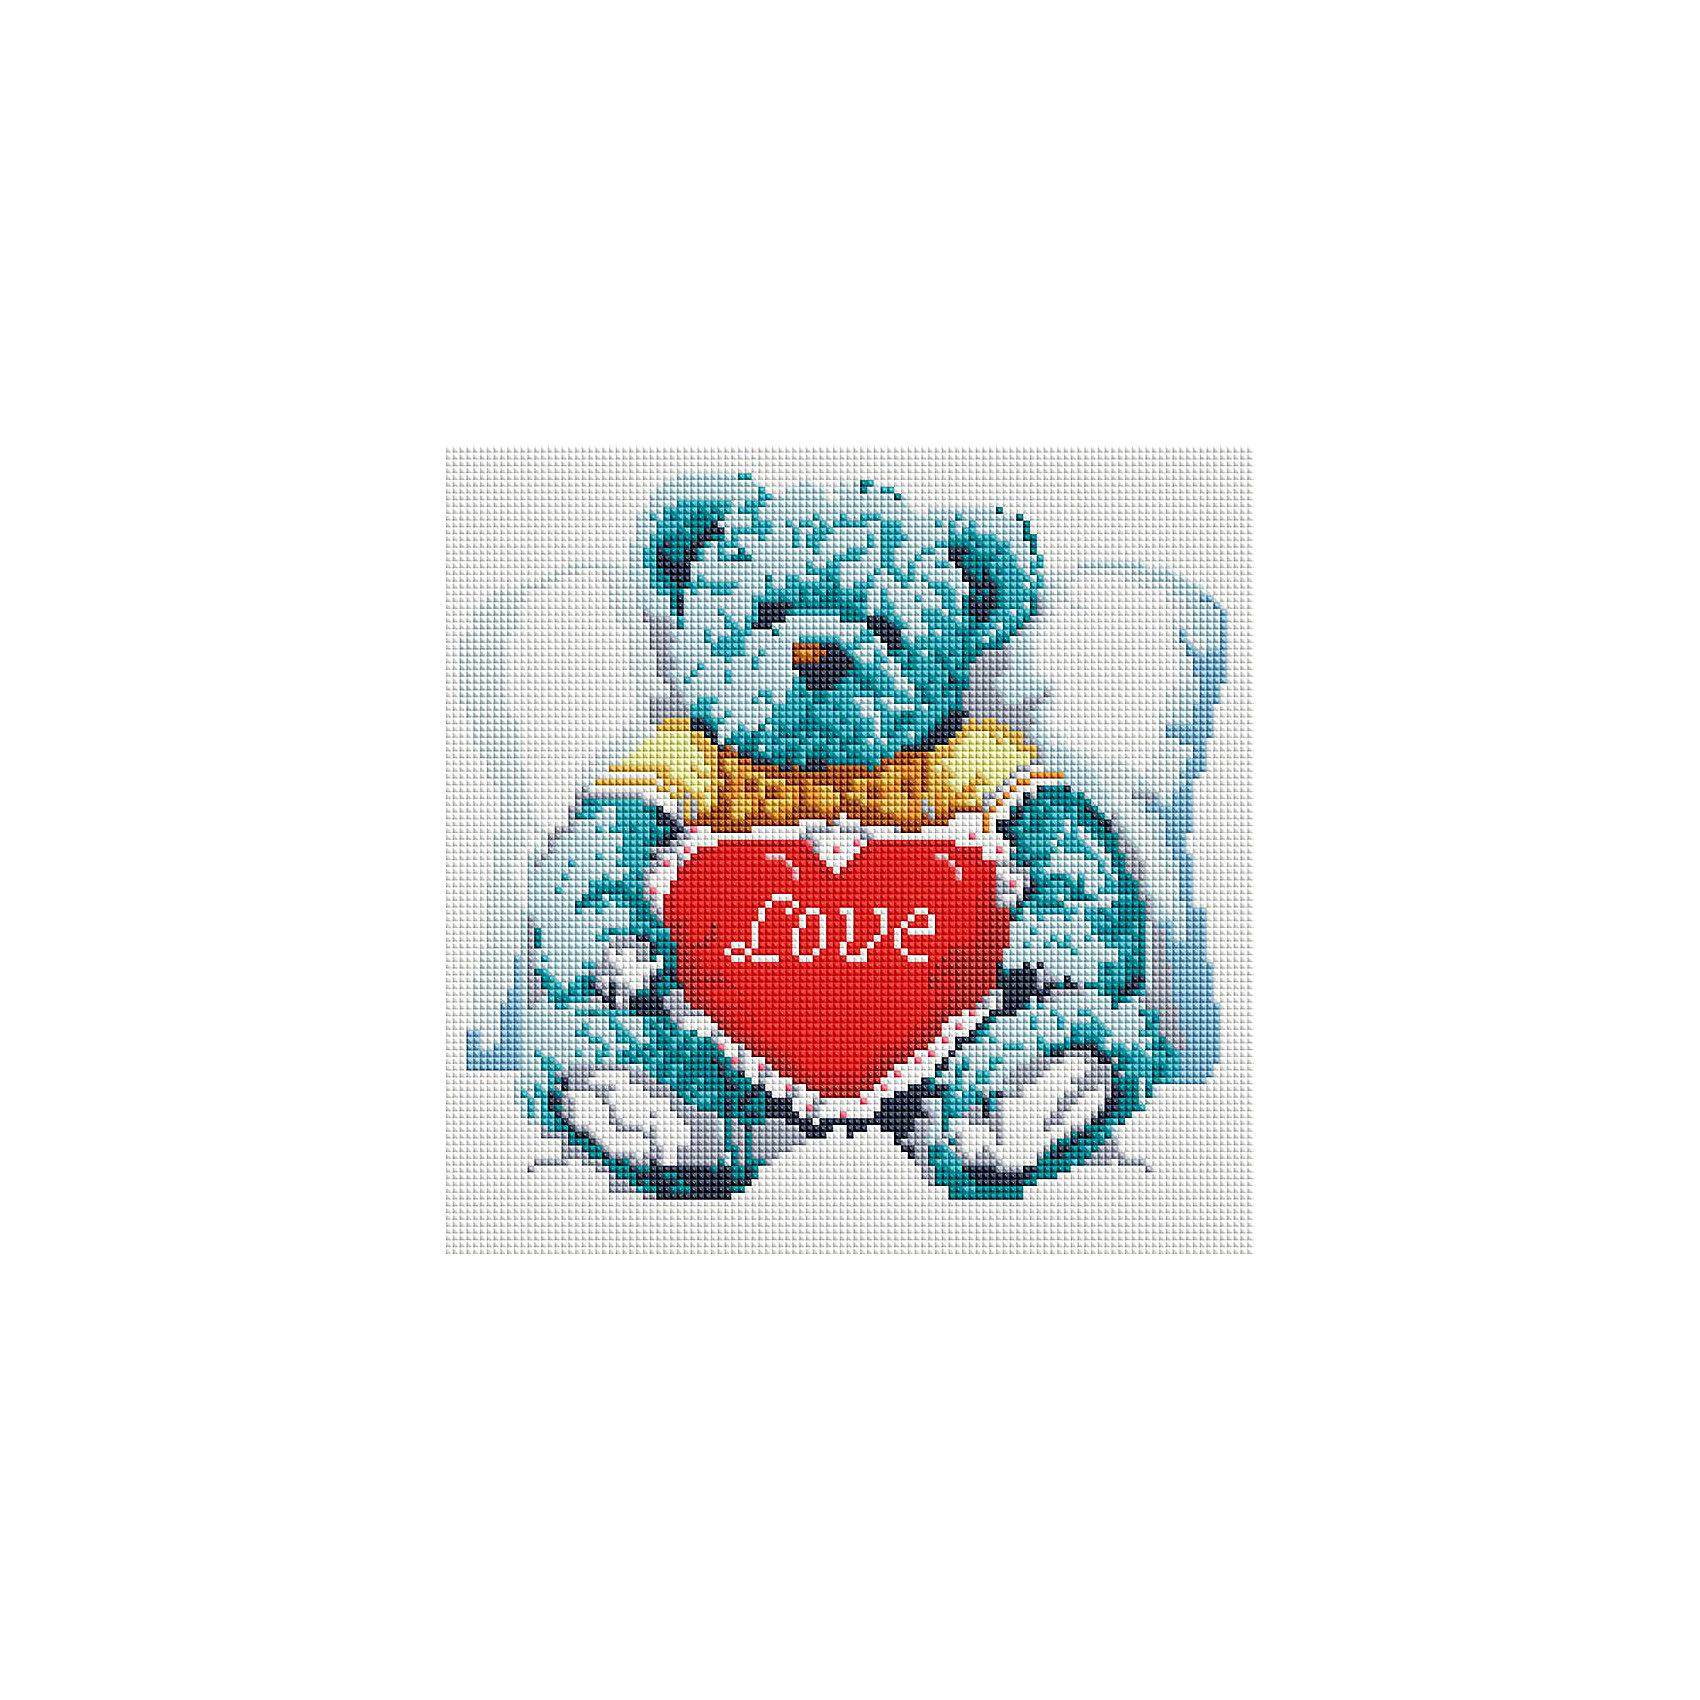 Мозаика на подрамнике Медвежонок с сердцемМозаика<br>Характеристики:<br><br>• Предназначение: для творческих занятий<br>• Тематика: животные<br>• Пол: для девочек<br>• Материал: дерево, бумага, пластик<br>• Цвет: белый, голубой, синий, черный, красный и др.<br>• Количество цветов: 17<br>• Комплектация: холст на подрамнике, стразы, пинцет, карандаш для камней, клей, лоток для камней инструкция<br>• Размеры готовой работы (Ш*Д): 30*30 см<br>• Тип выкладки камней: сплошное заполнение рисунка<br>• Стразы квадратной формы ограненные<br>• Вес: 870 г <br>• Упаковка: картонная коробка<br><br>Мозаика на подрамнике Медвежонок с сердцем – это набор от торговой марки Белоснежка, специализирующейся на товарах для творчества и рукоделия. Комплект для мозаики состоит из холста на деревянном подрамнике, набора необходимых камней и приспособлений для их выкладки. На холст нанесен рисунок с указанием цвета камней. С помощью пинцета выкладывается картина способом сплошного заполнения, что создает реалистичность изображения. Все материалы, используемые в наборе, экологичные и натуральные. Готовые наборы научат вашего ребенка сочетать цвета и оттенки, действовать по заданному образцу, будут способствовать развитию внимательности, усидчивости и зрительному восприятию. <br>Занятия художественным творчеством являются не только средством творческого и эстетического развития, но также воспитания и коррекции эмоциональных комплексов у детей и подростков. <br><br>С наборами от Белоснежки можно создать как отдельную картину, так и использовать поделку в качестве оригинального и яркого аксессуара для оформления интерьера или других более крупных предметов и поделок.<br><br>Мозаику на подрамнике Медвежонок с сердцем можно купить в нашем интернет-магазине.<br><br>Ширина мм: 310<br>Глубина мм: 310<br>Высота мм: 25<br>Вес г: 767<br>Возраст от месяцев: 144<br>Возраст до месяцев: 192<br>Пол: Женский<br>Возраст: Детский<br>SKU: 5089772